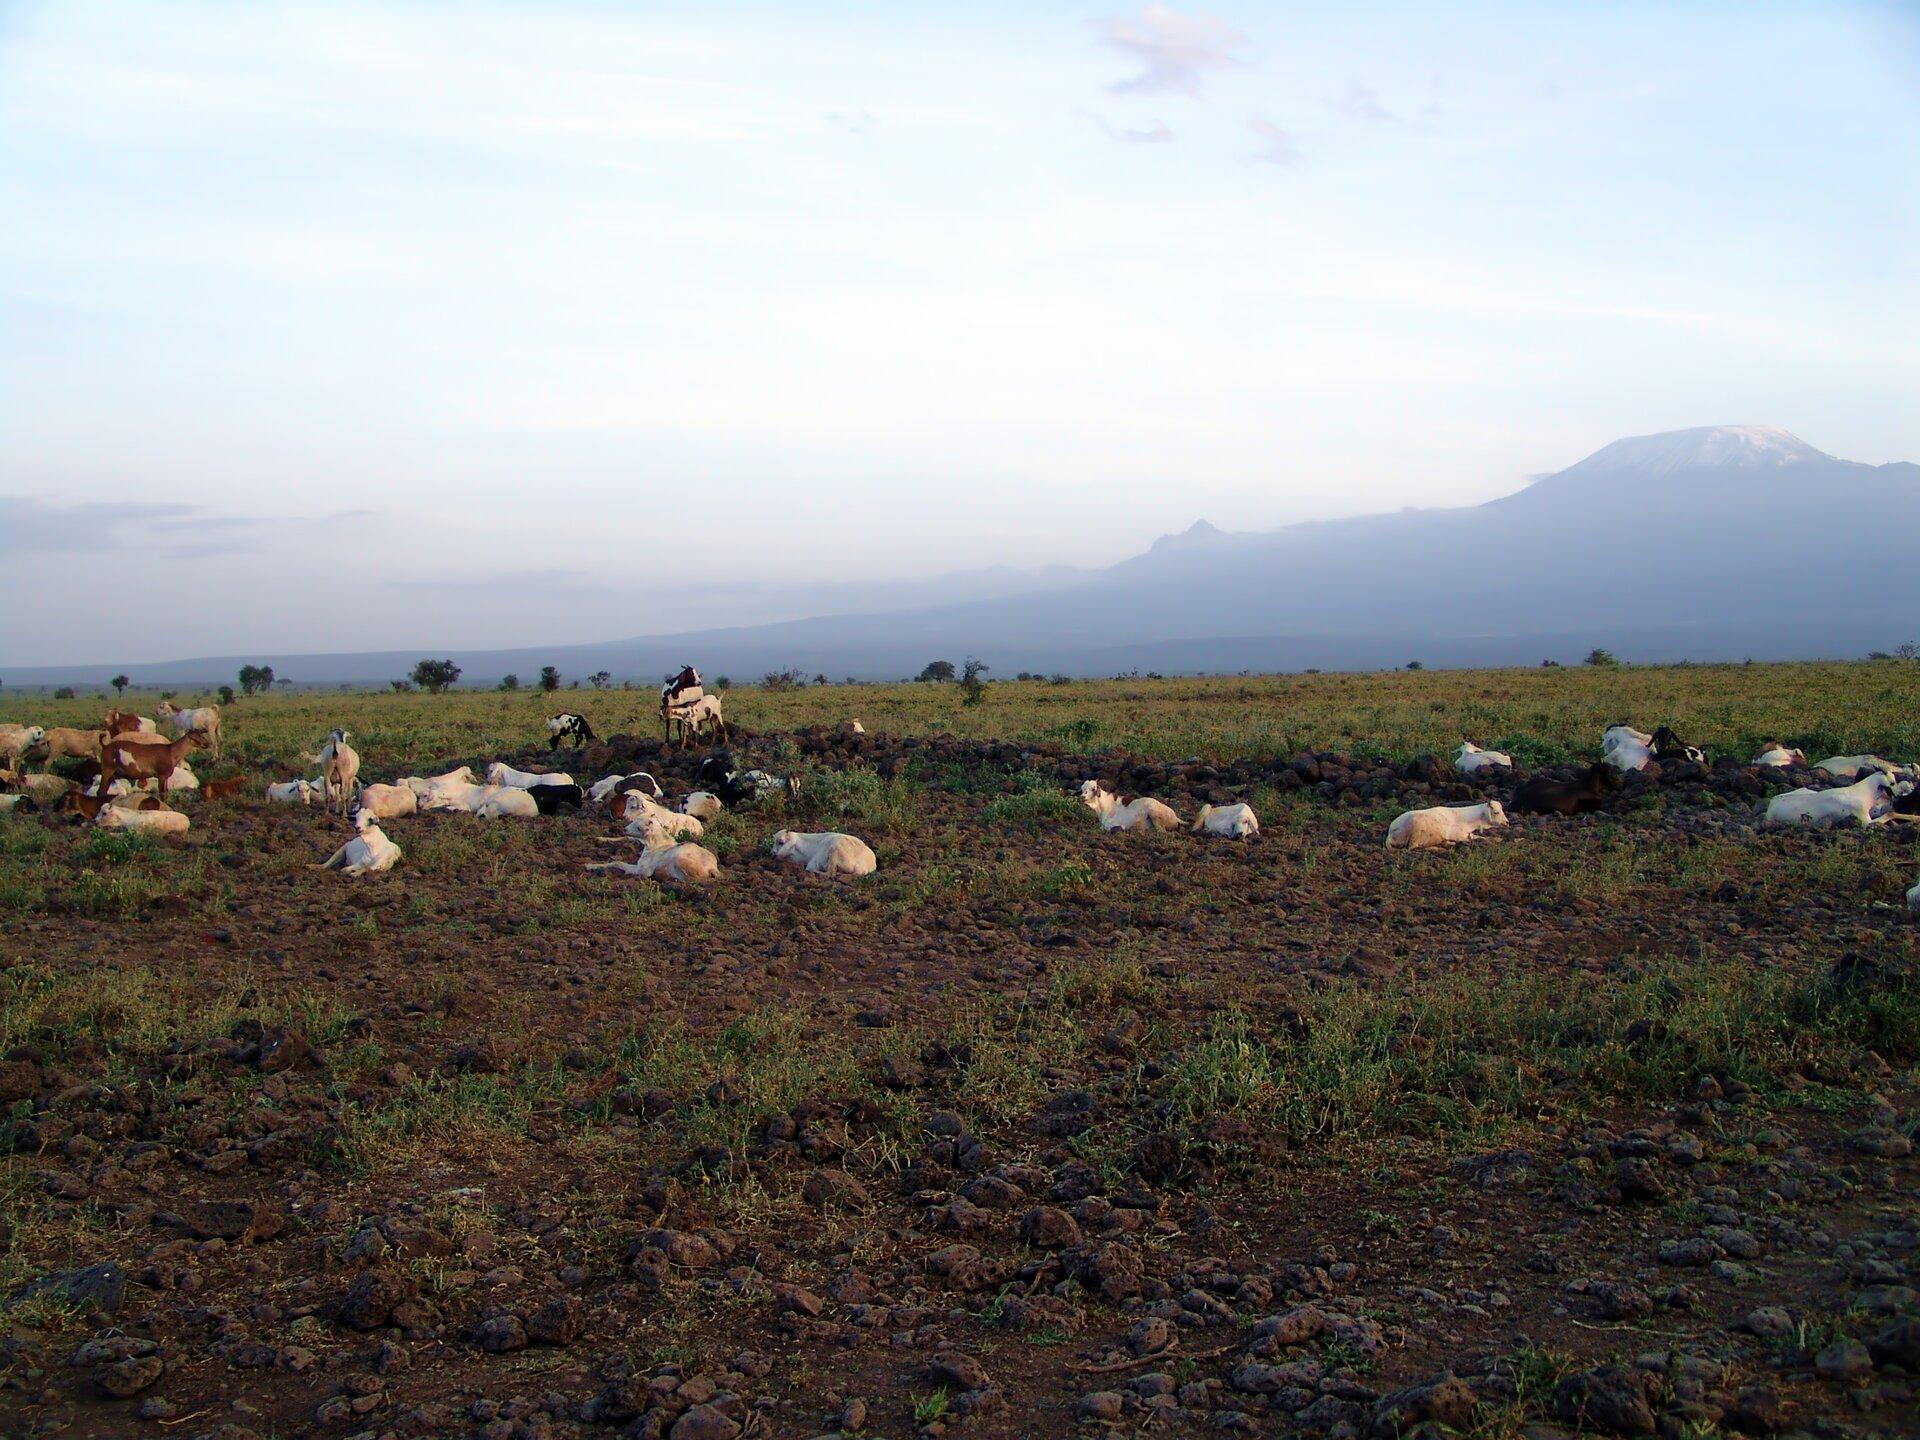 Fotografia prezentuje stado kóz wypoczywających na równinnej sawannie. Zwierzęta leżą na brązowej ziemi, wokół wyskubane kępki trawy. Wtle widać górę Kilimandżaro.